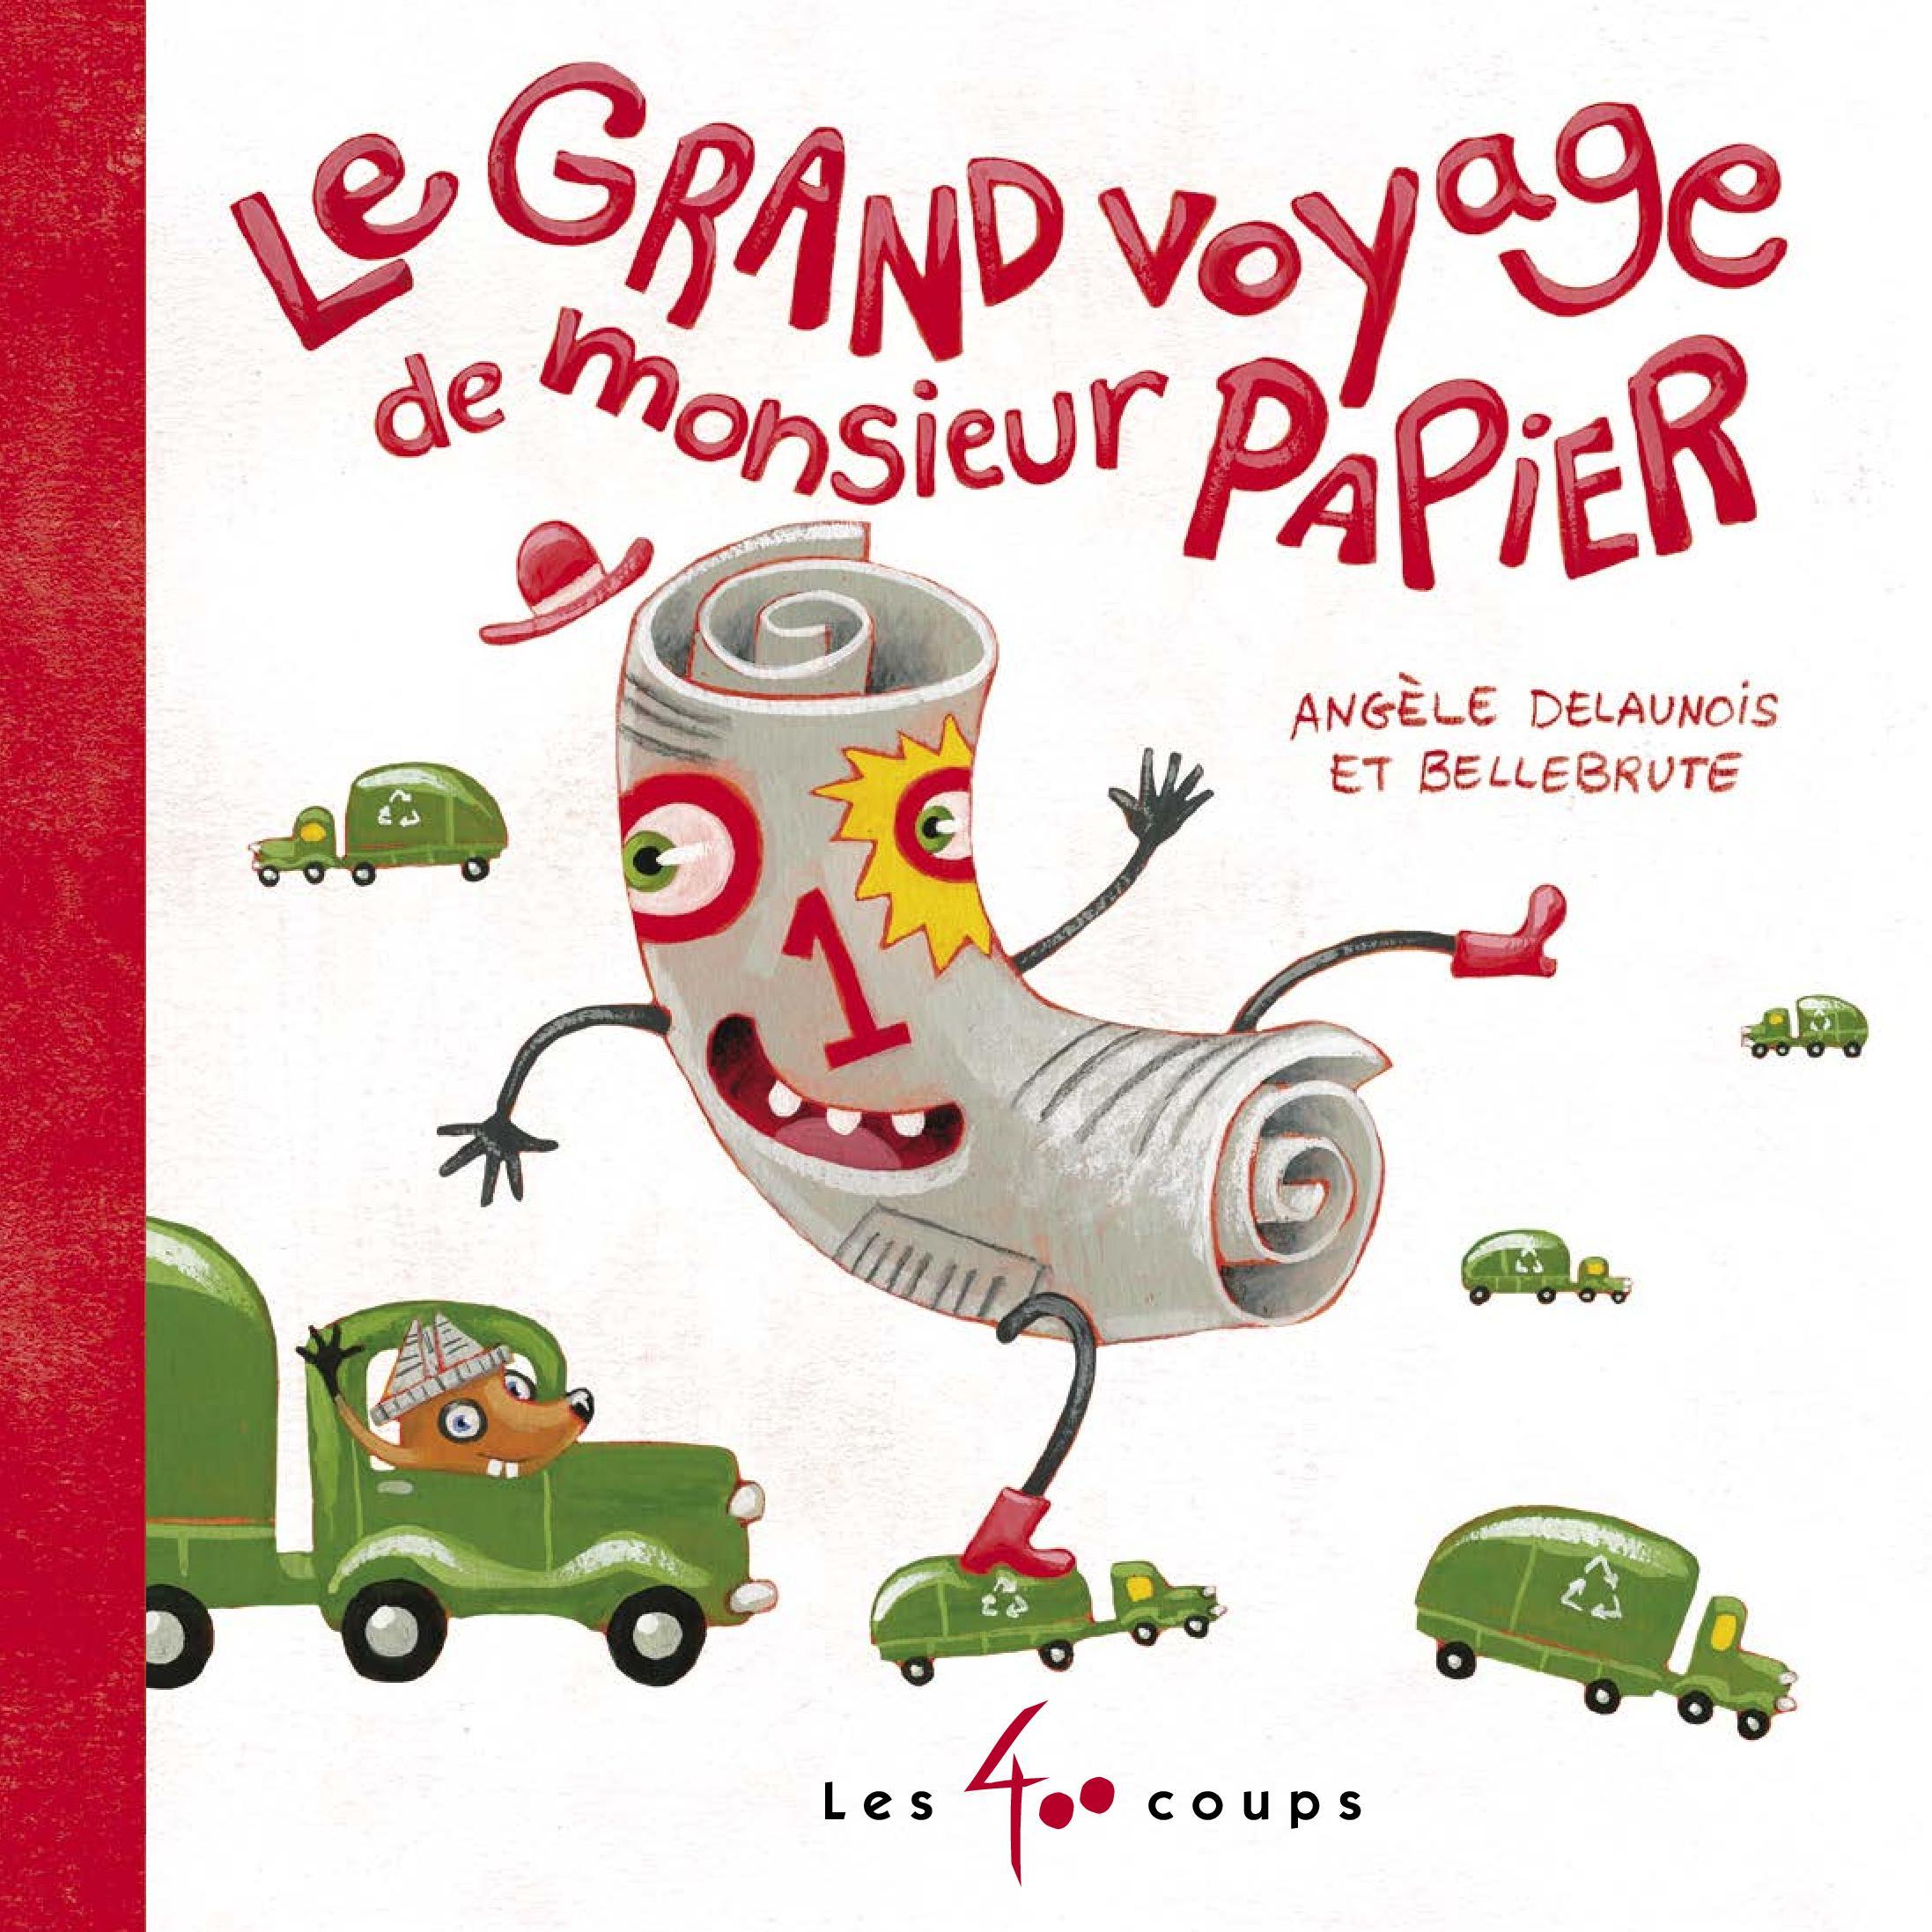 Grand voyage de monsieur Papier (Le)